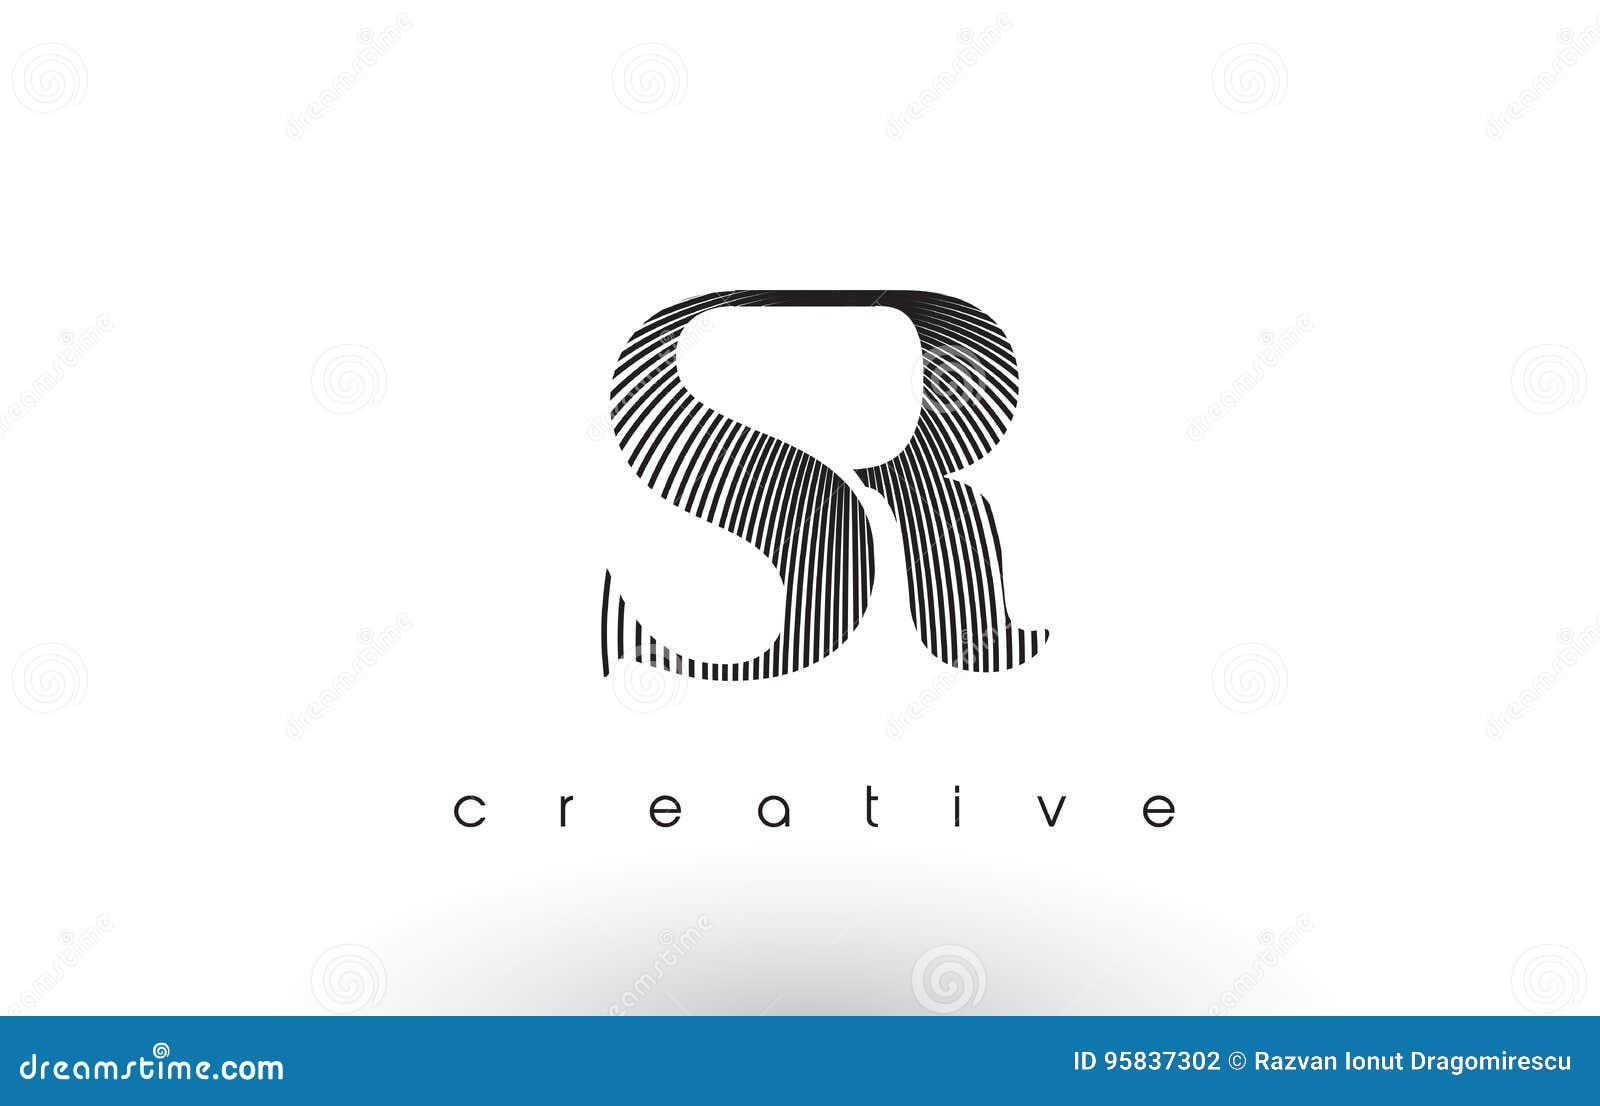 SR Logo Design With Multiple Lines et couleurs noires et blanches